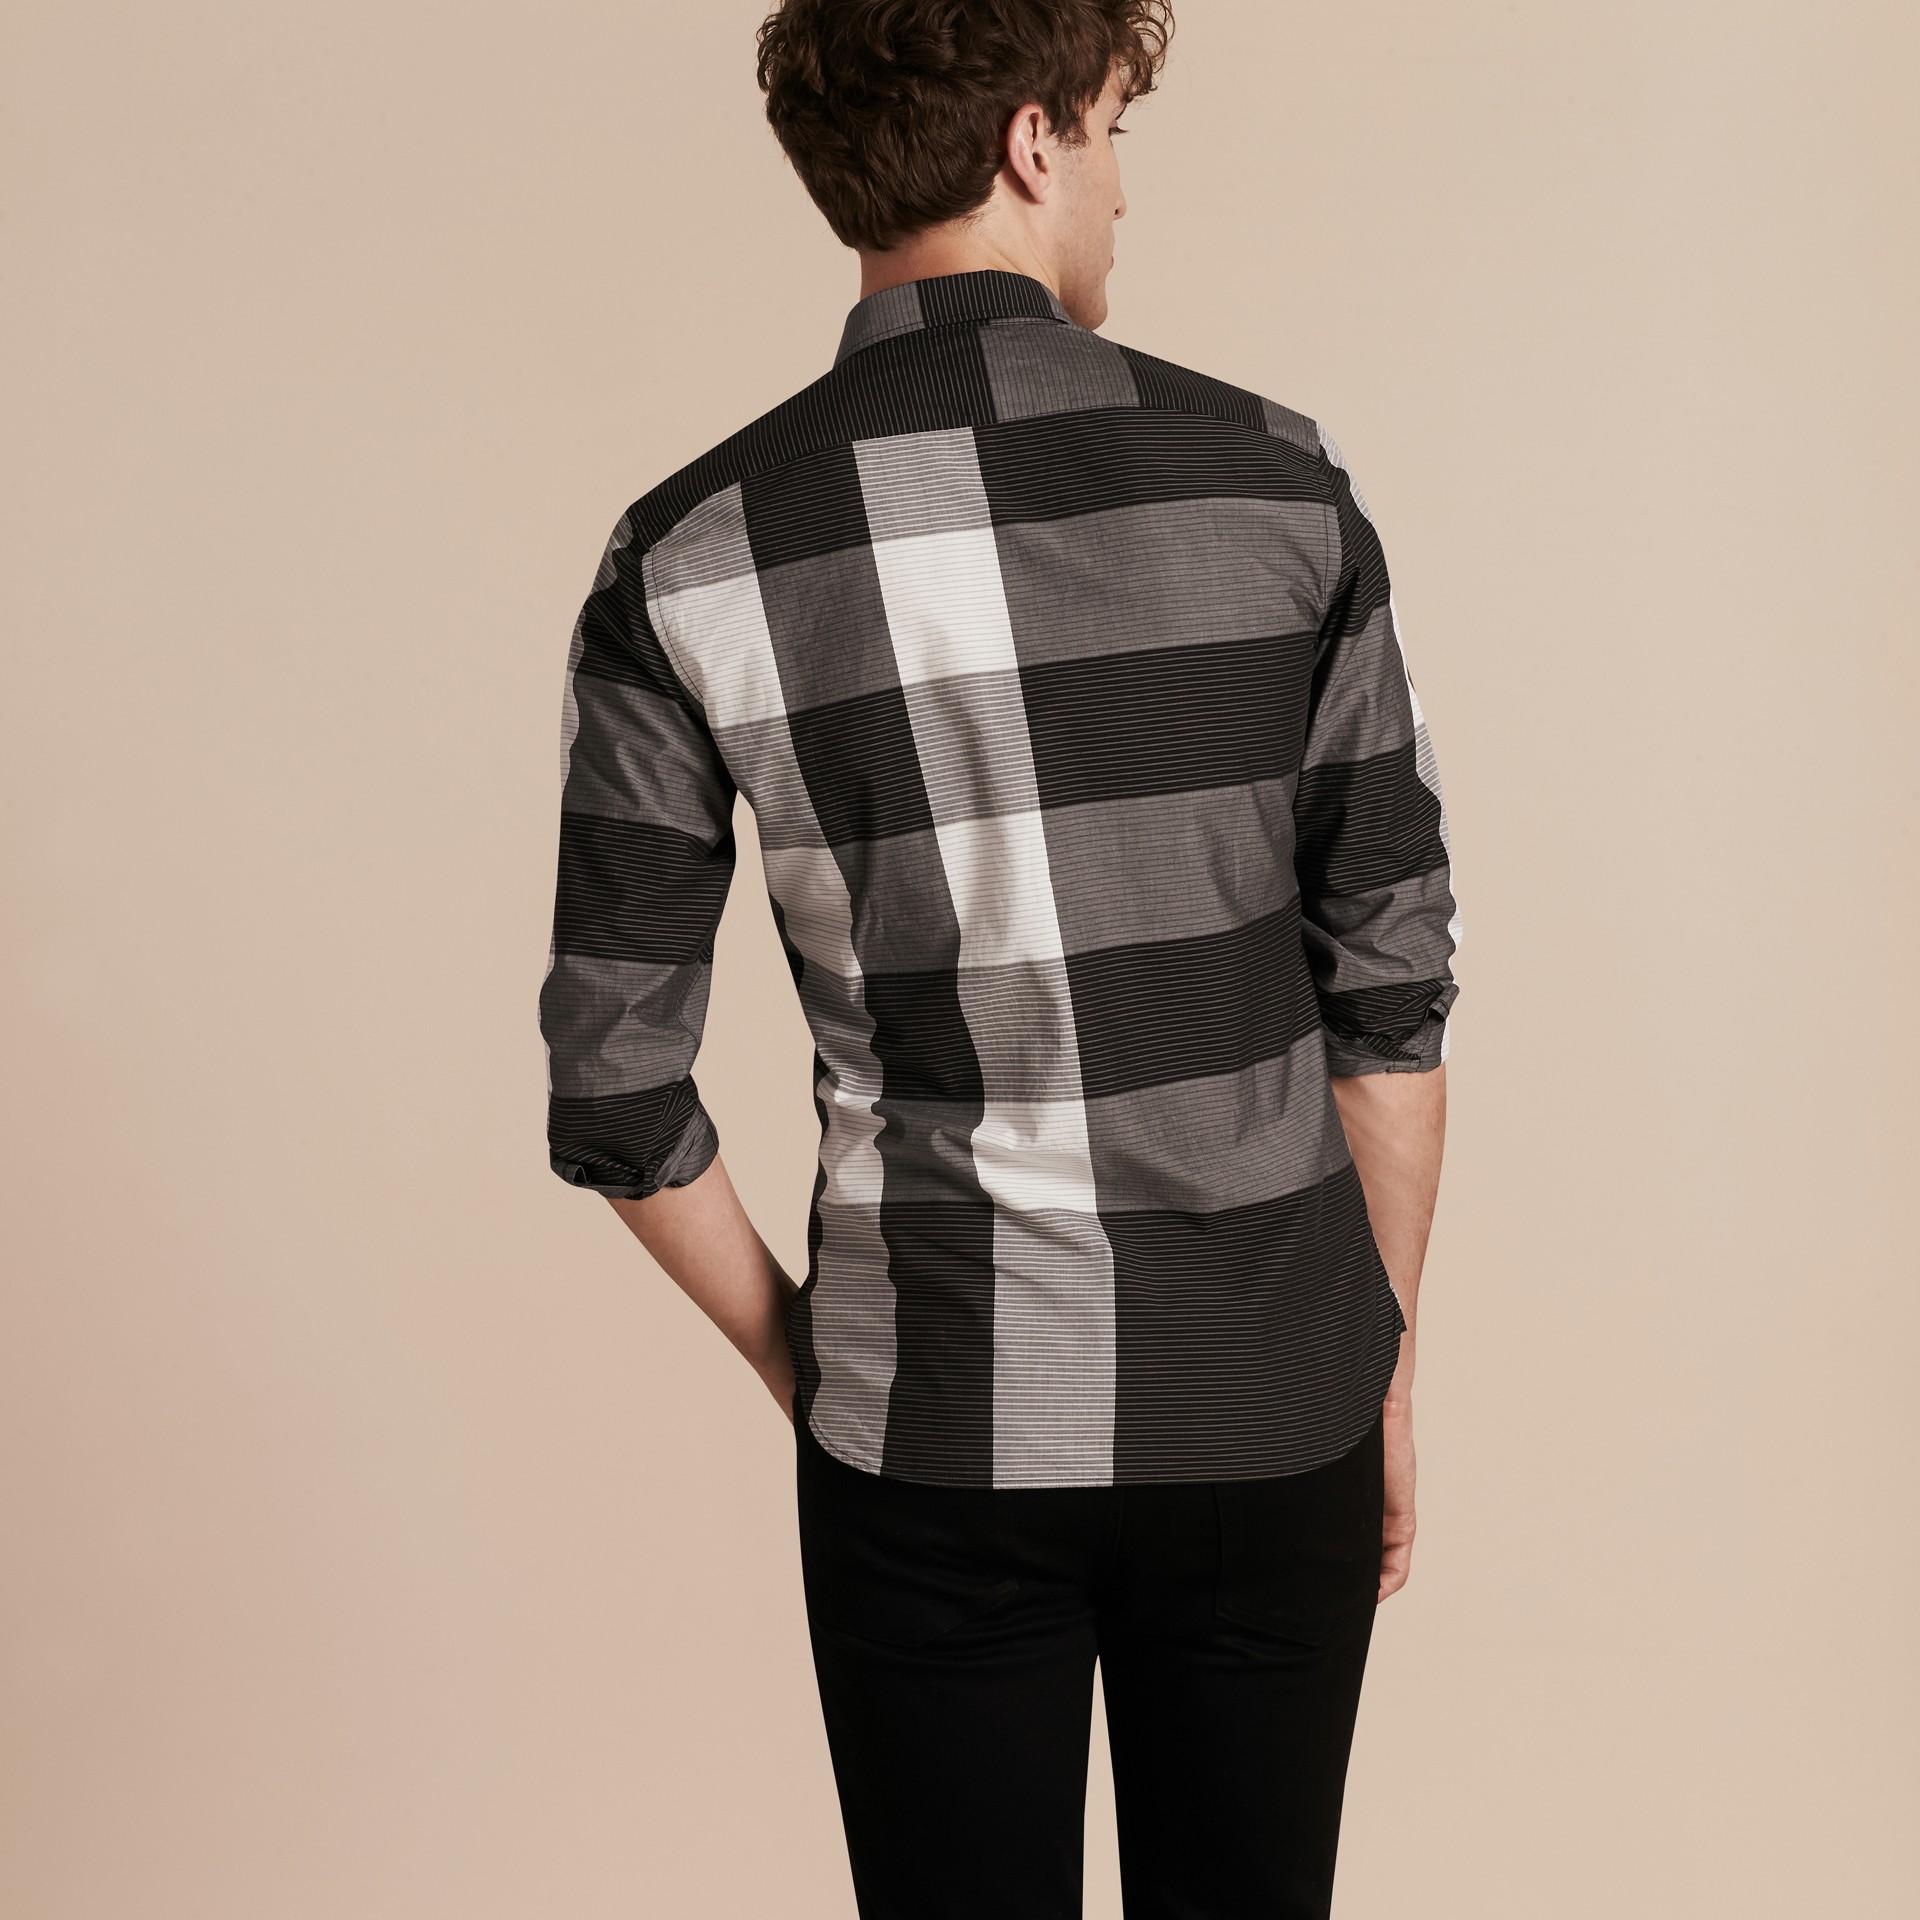 블랙 그래픽 체크 코튼 셔츠 블랙 - 갤러리 이미지 3